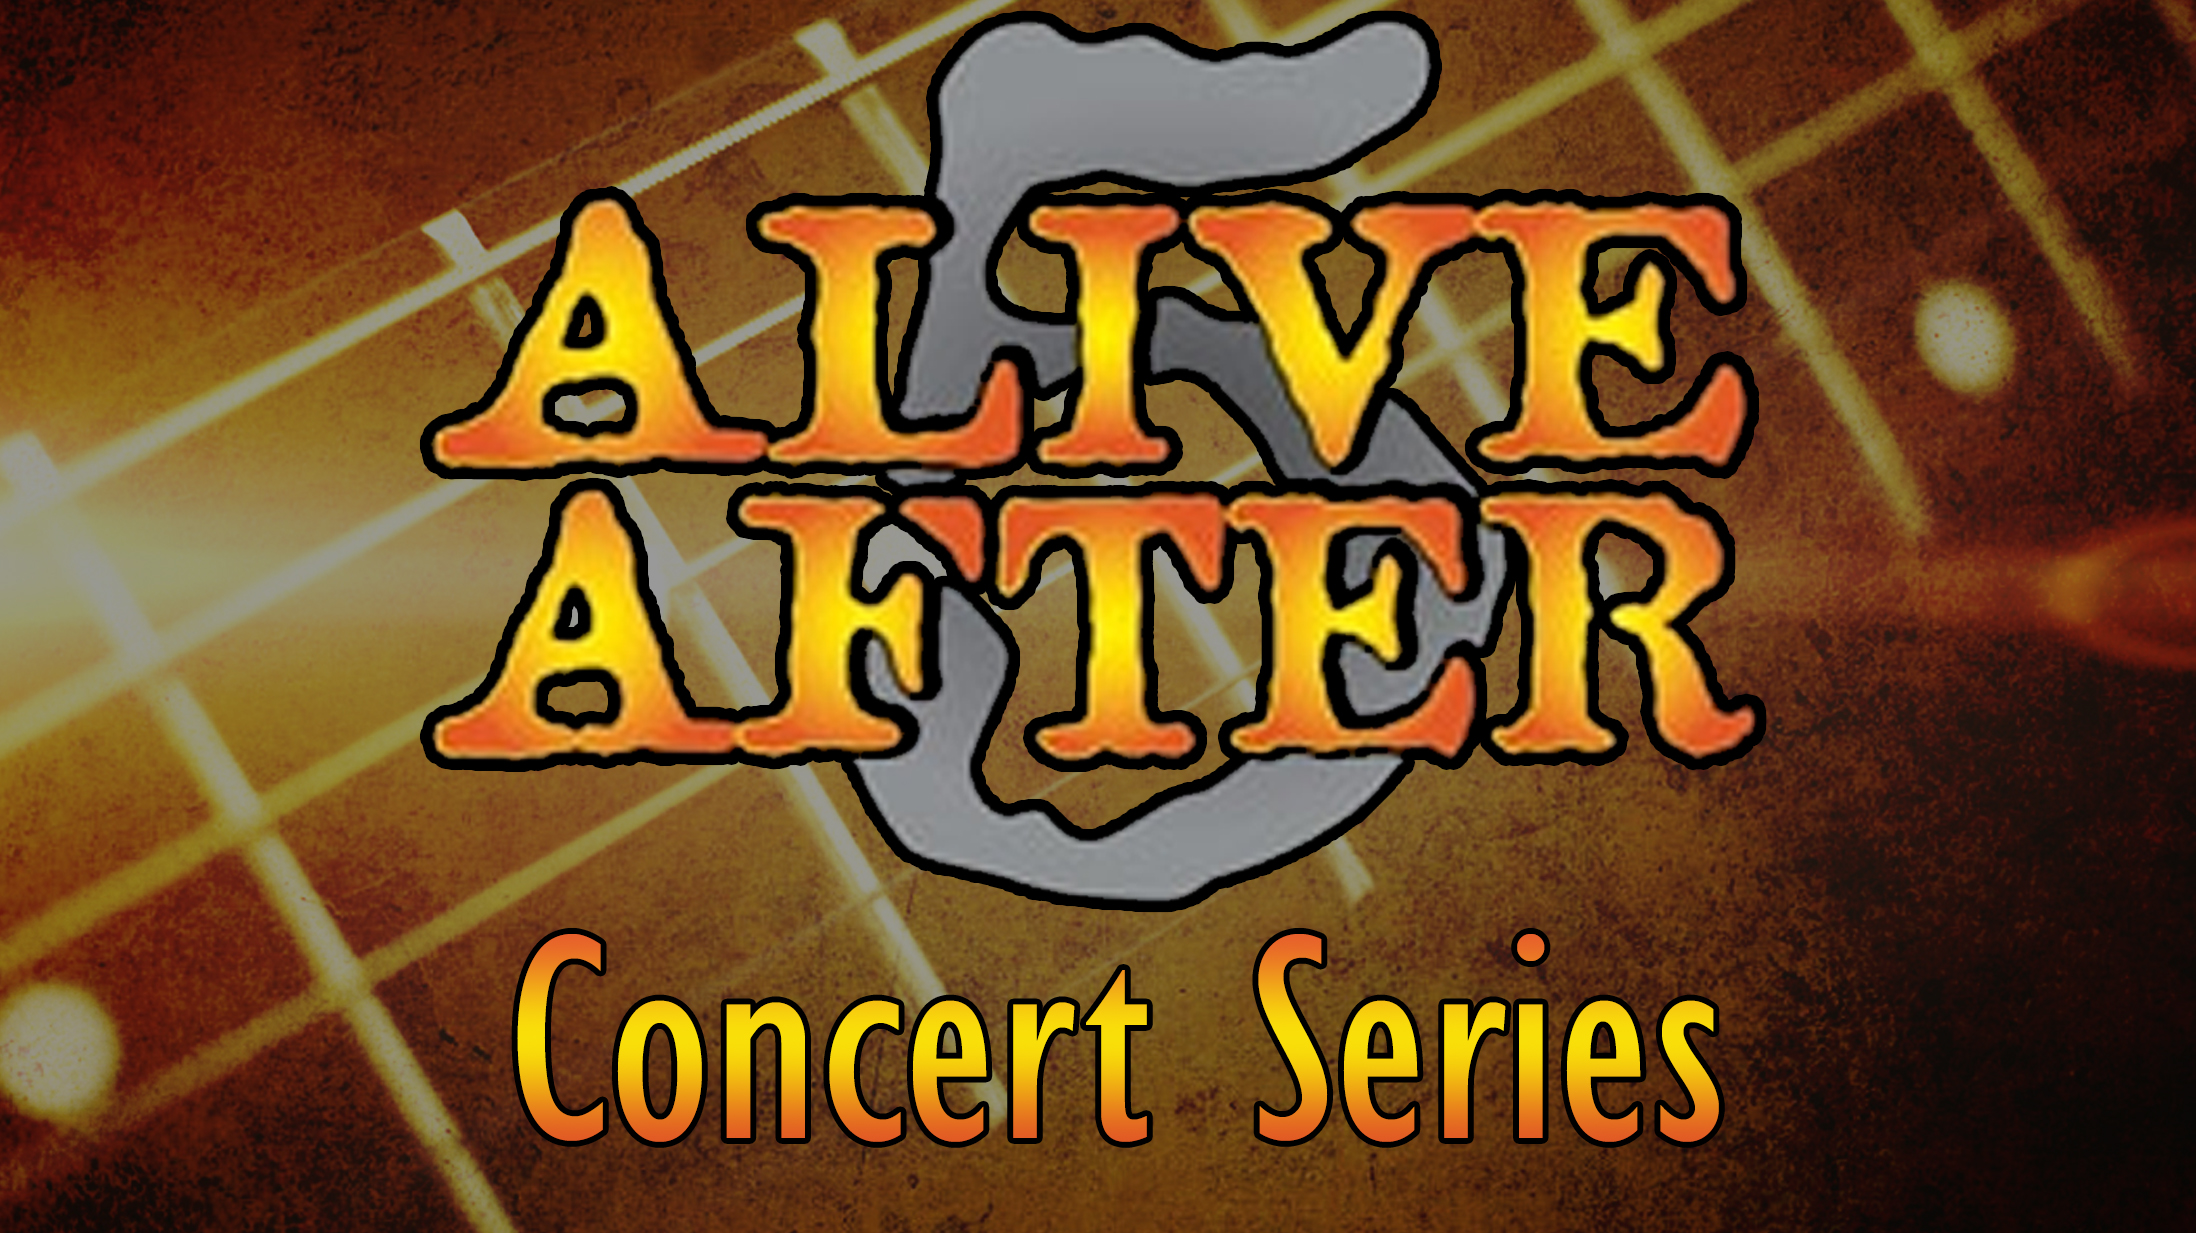 Alive After 5 Concert Series_1516233369013.jpg.jpg